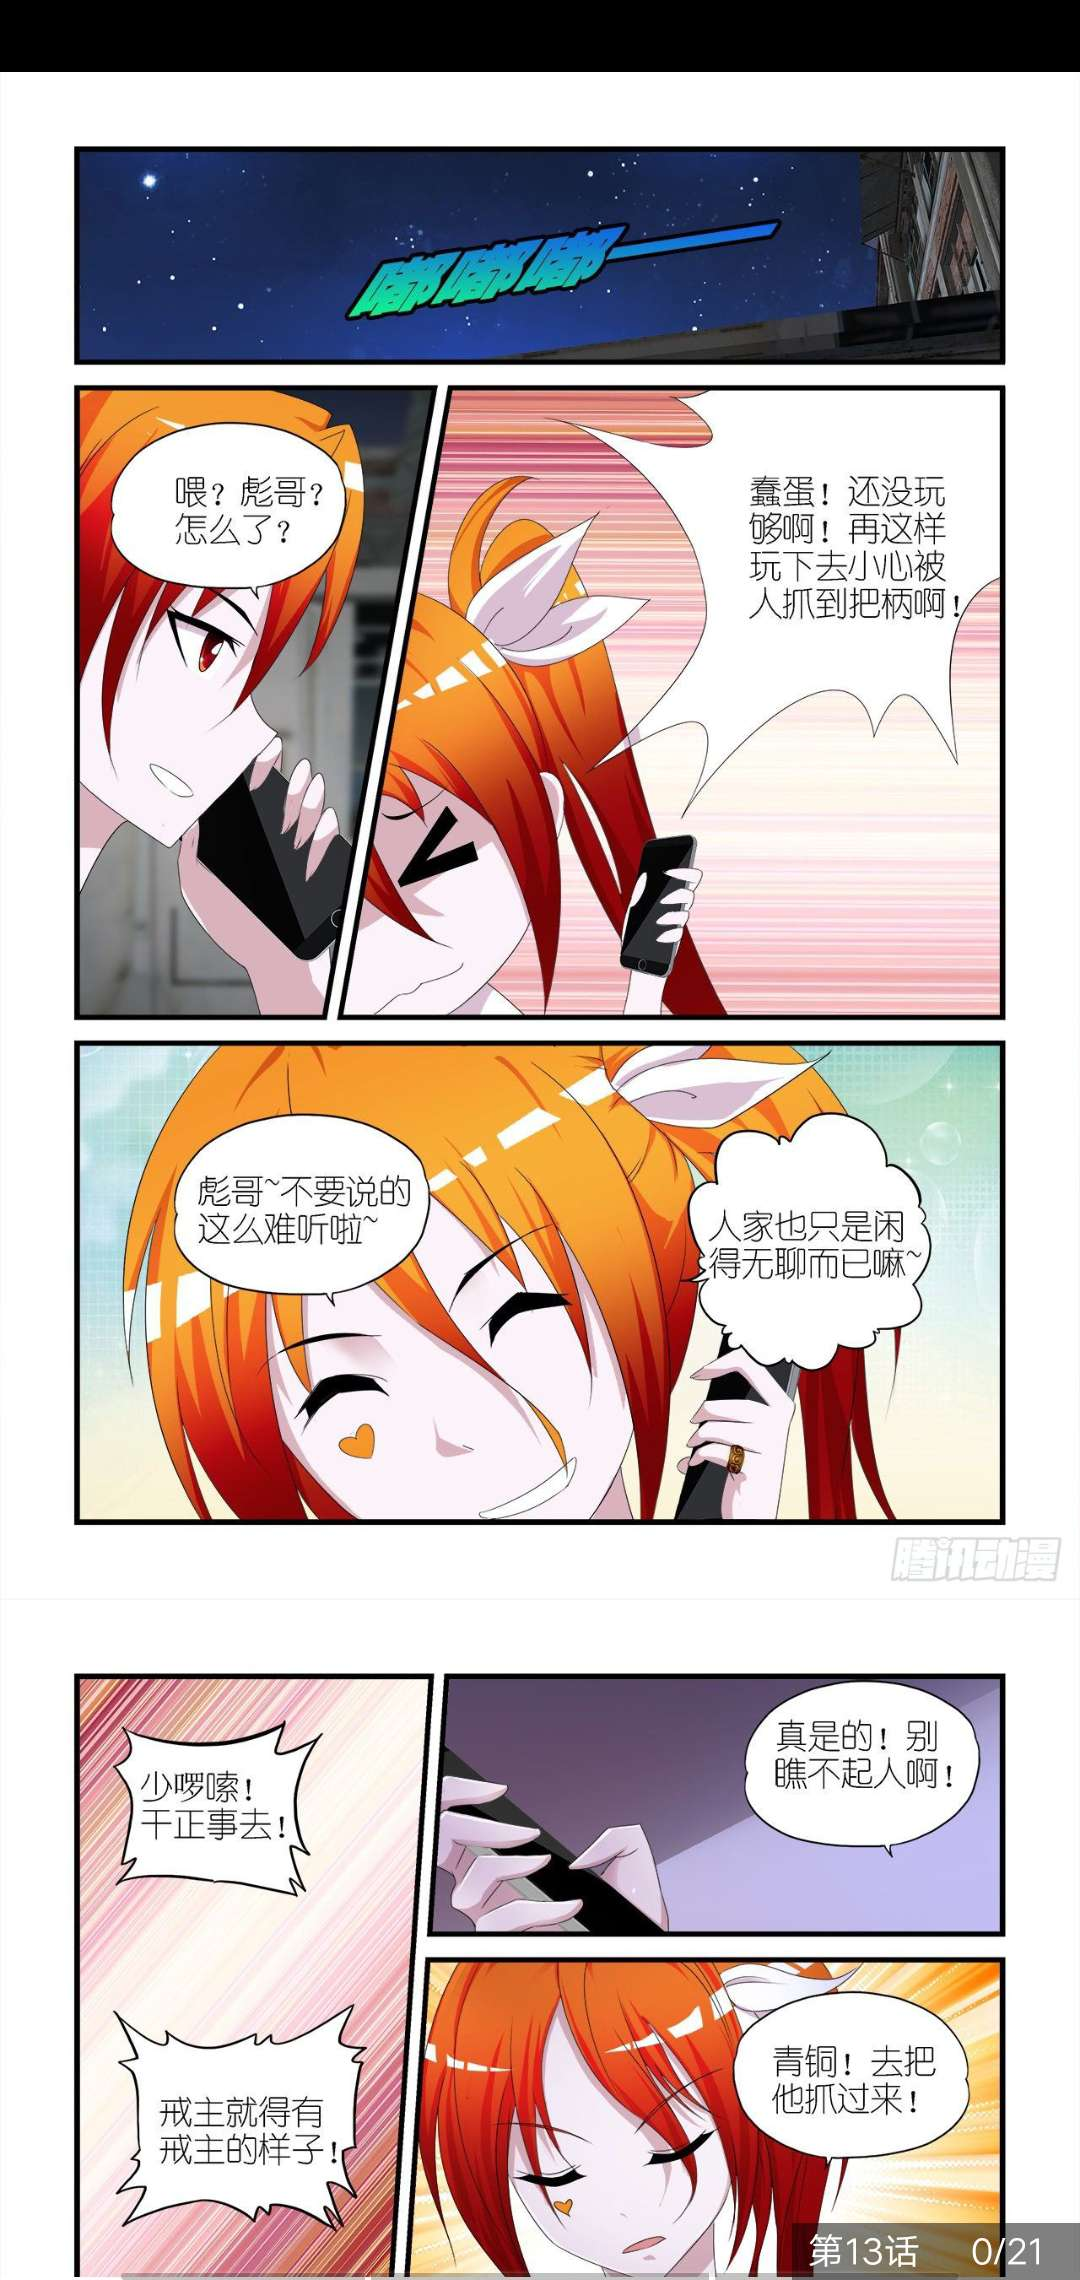 【漫画更新】天使与恶魔的诱惑-小柚妹站